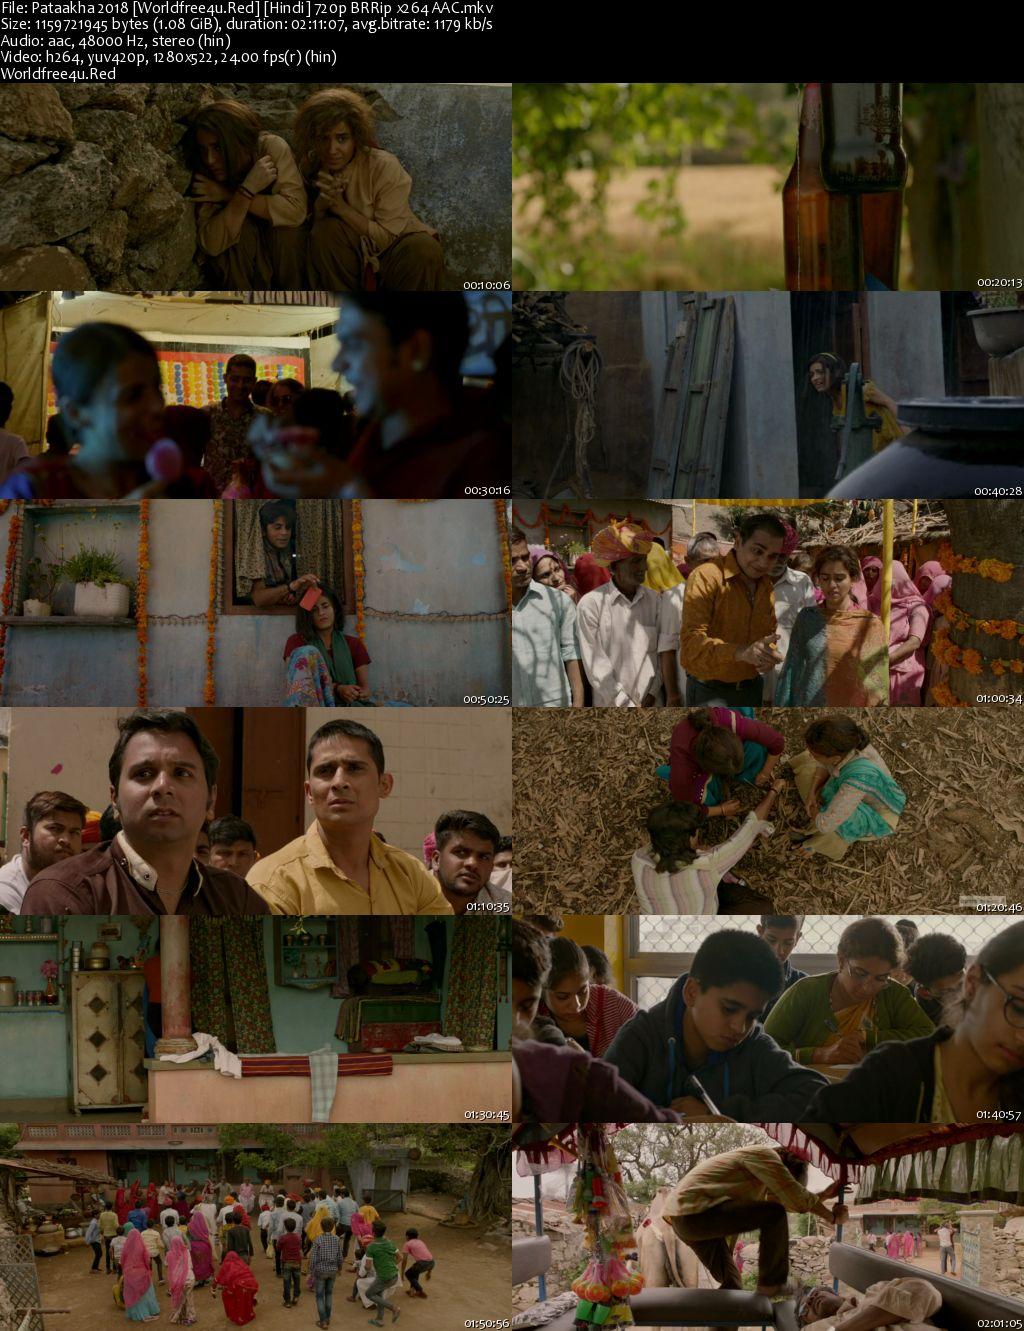 Pataakha 2018 Hindi BRRip 720p